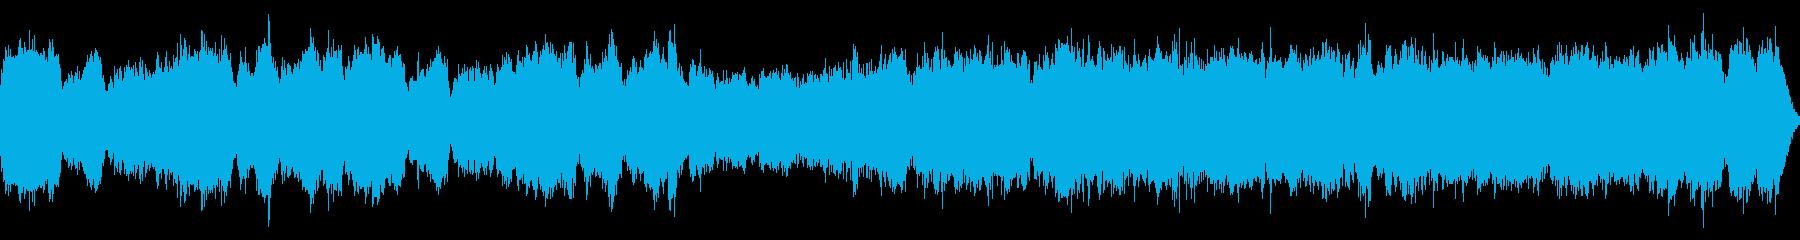 パイプオルガン・コーラス明るい曲・ループの再生済みの波形